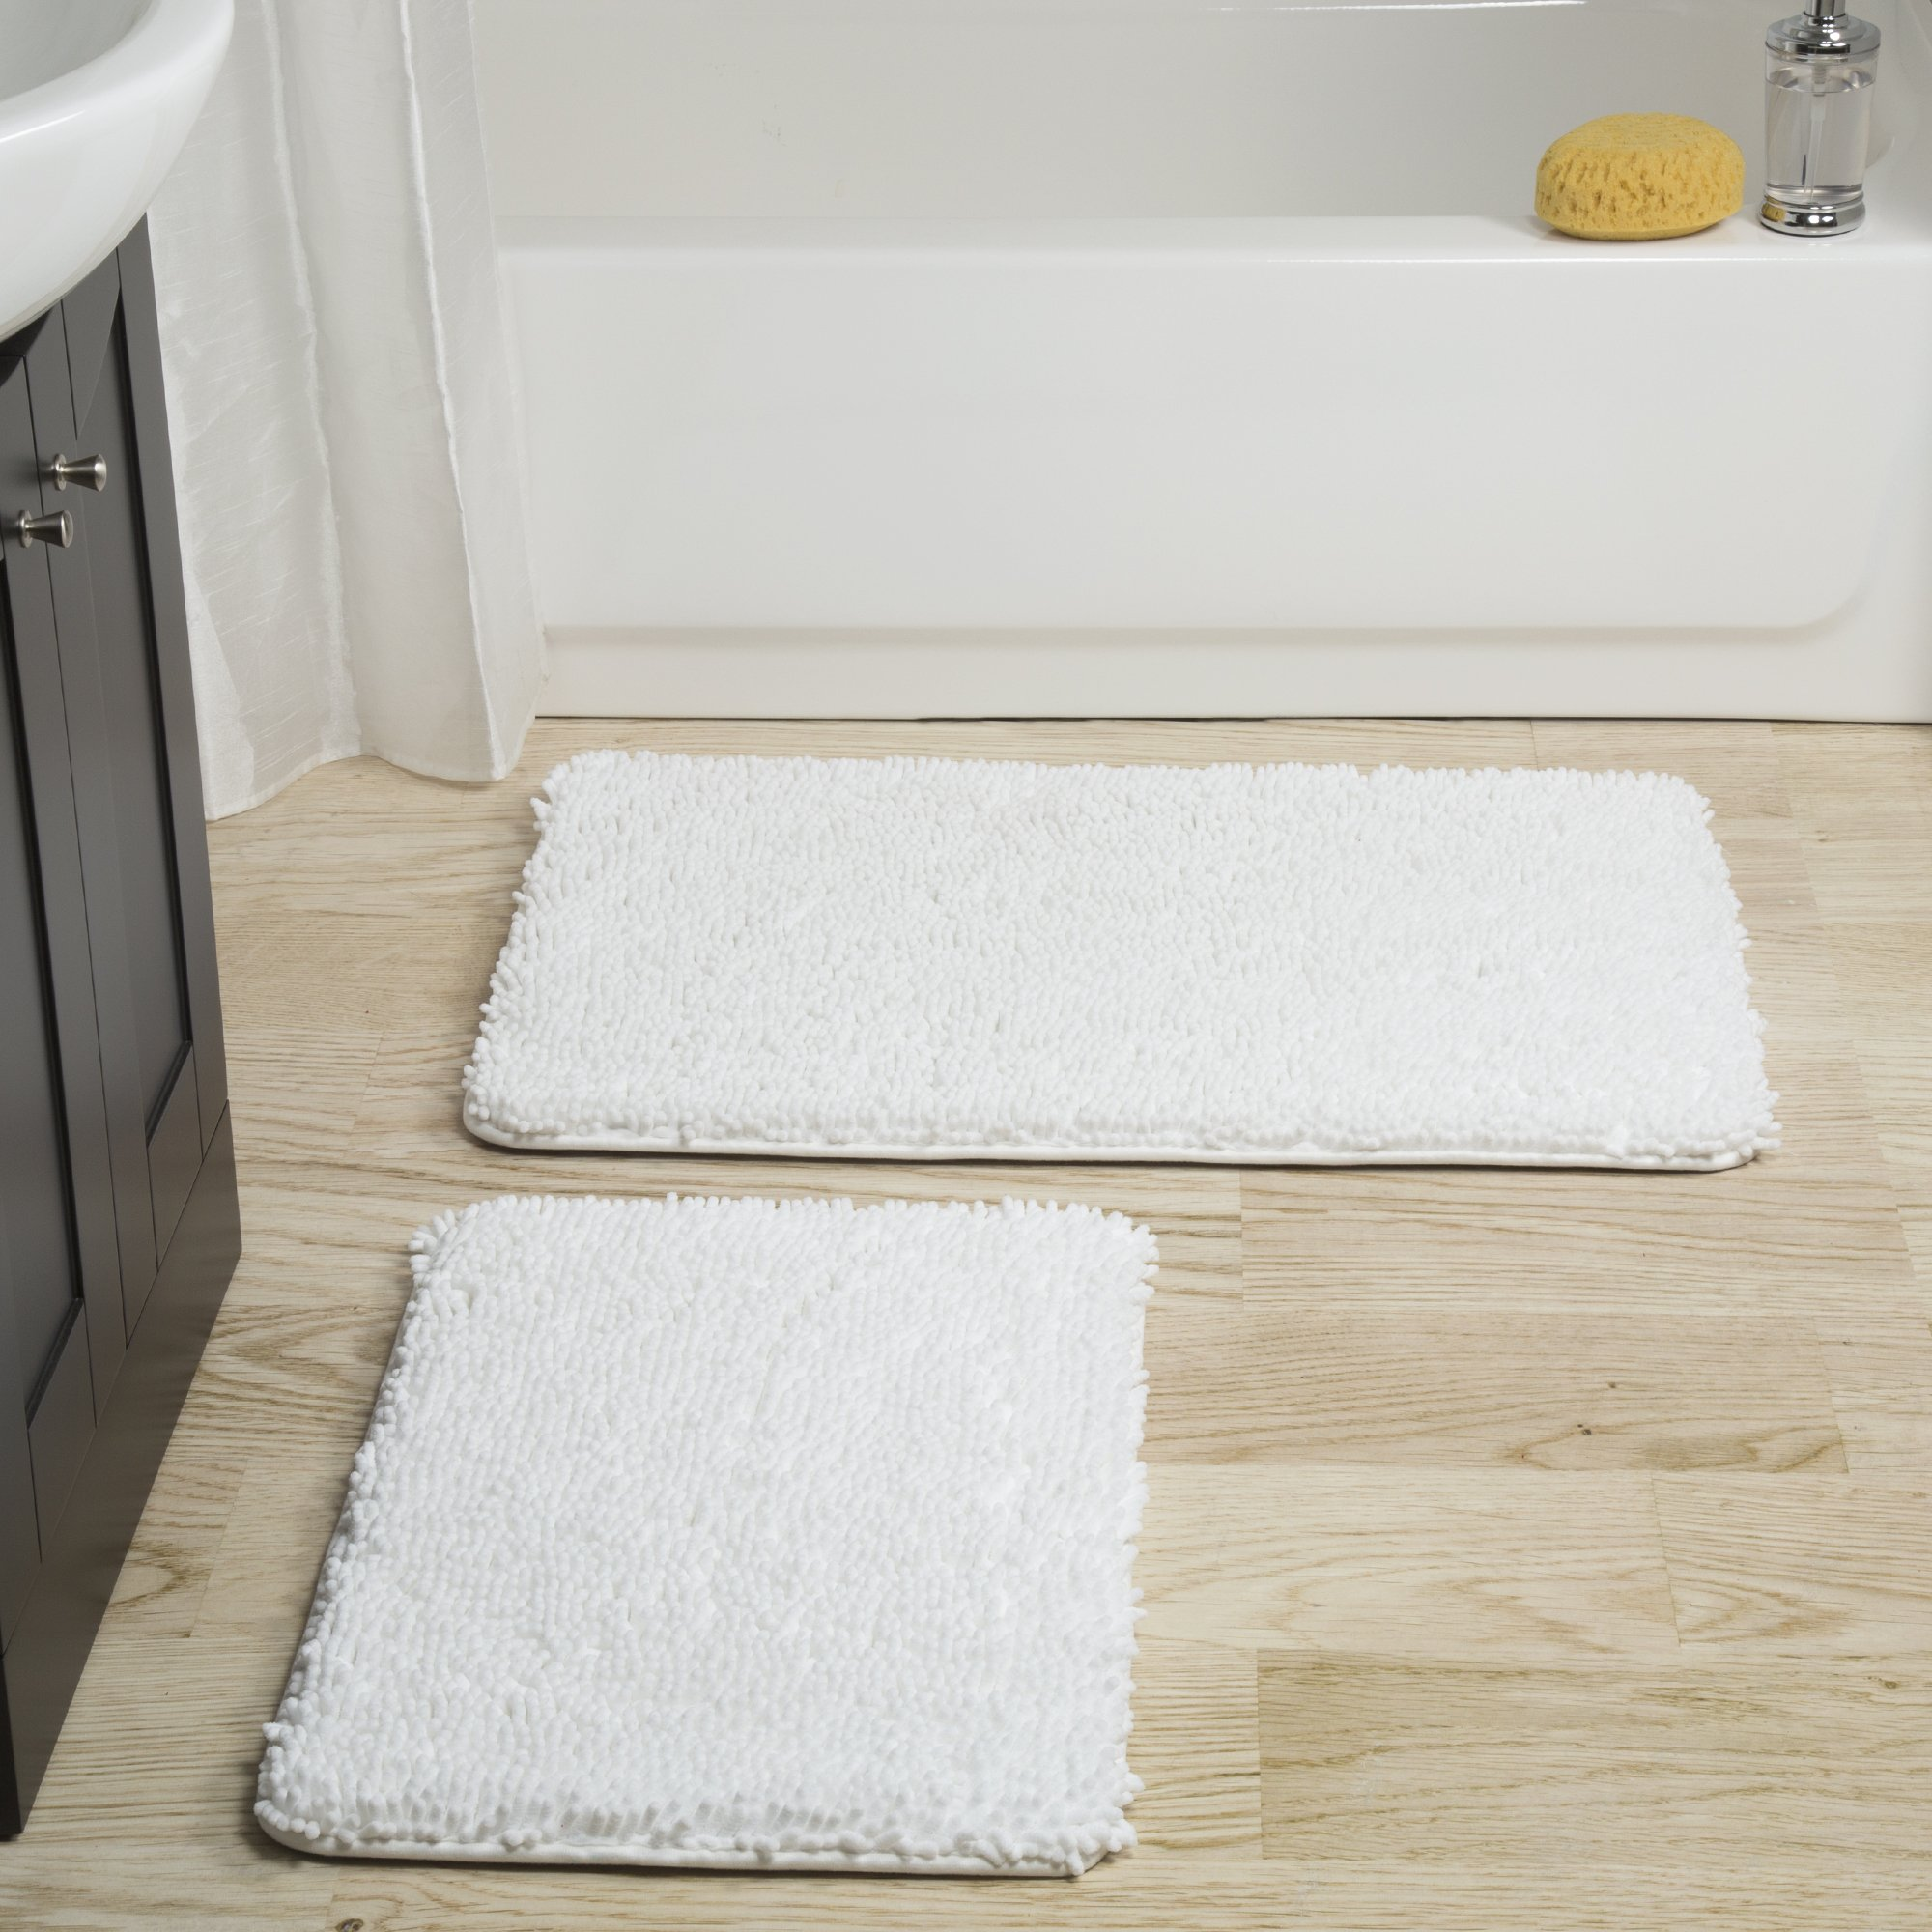 Bedford Home 2 Piece Memory Foam Shag Bath Mat - White